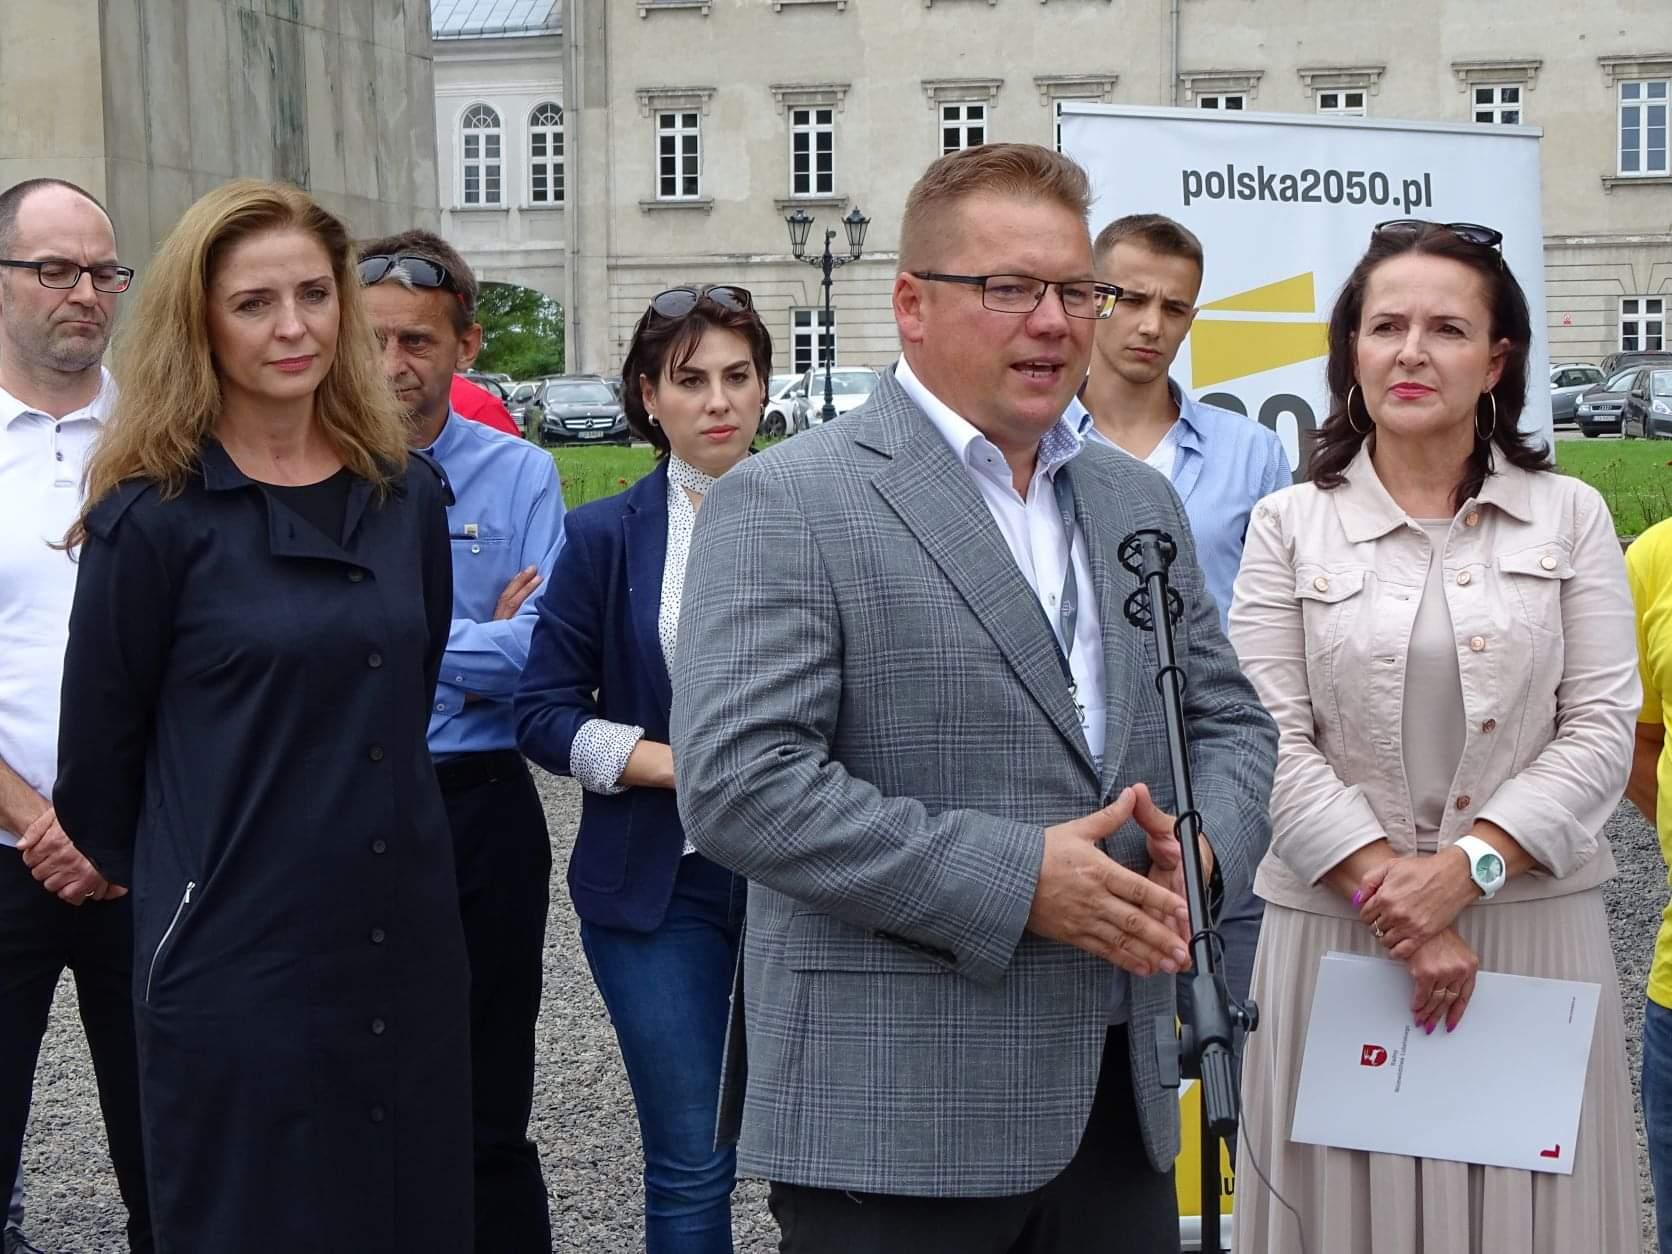 received 997824074343471 Liderzy i działacze Polski 2050 spotkali się w Zamościu. Rozmawiali m.in. o zamknięciu oddziału pediatrycznego w naszym mieście